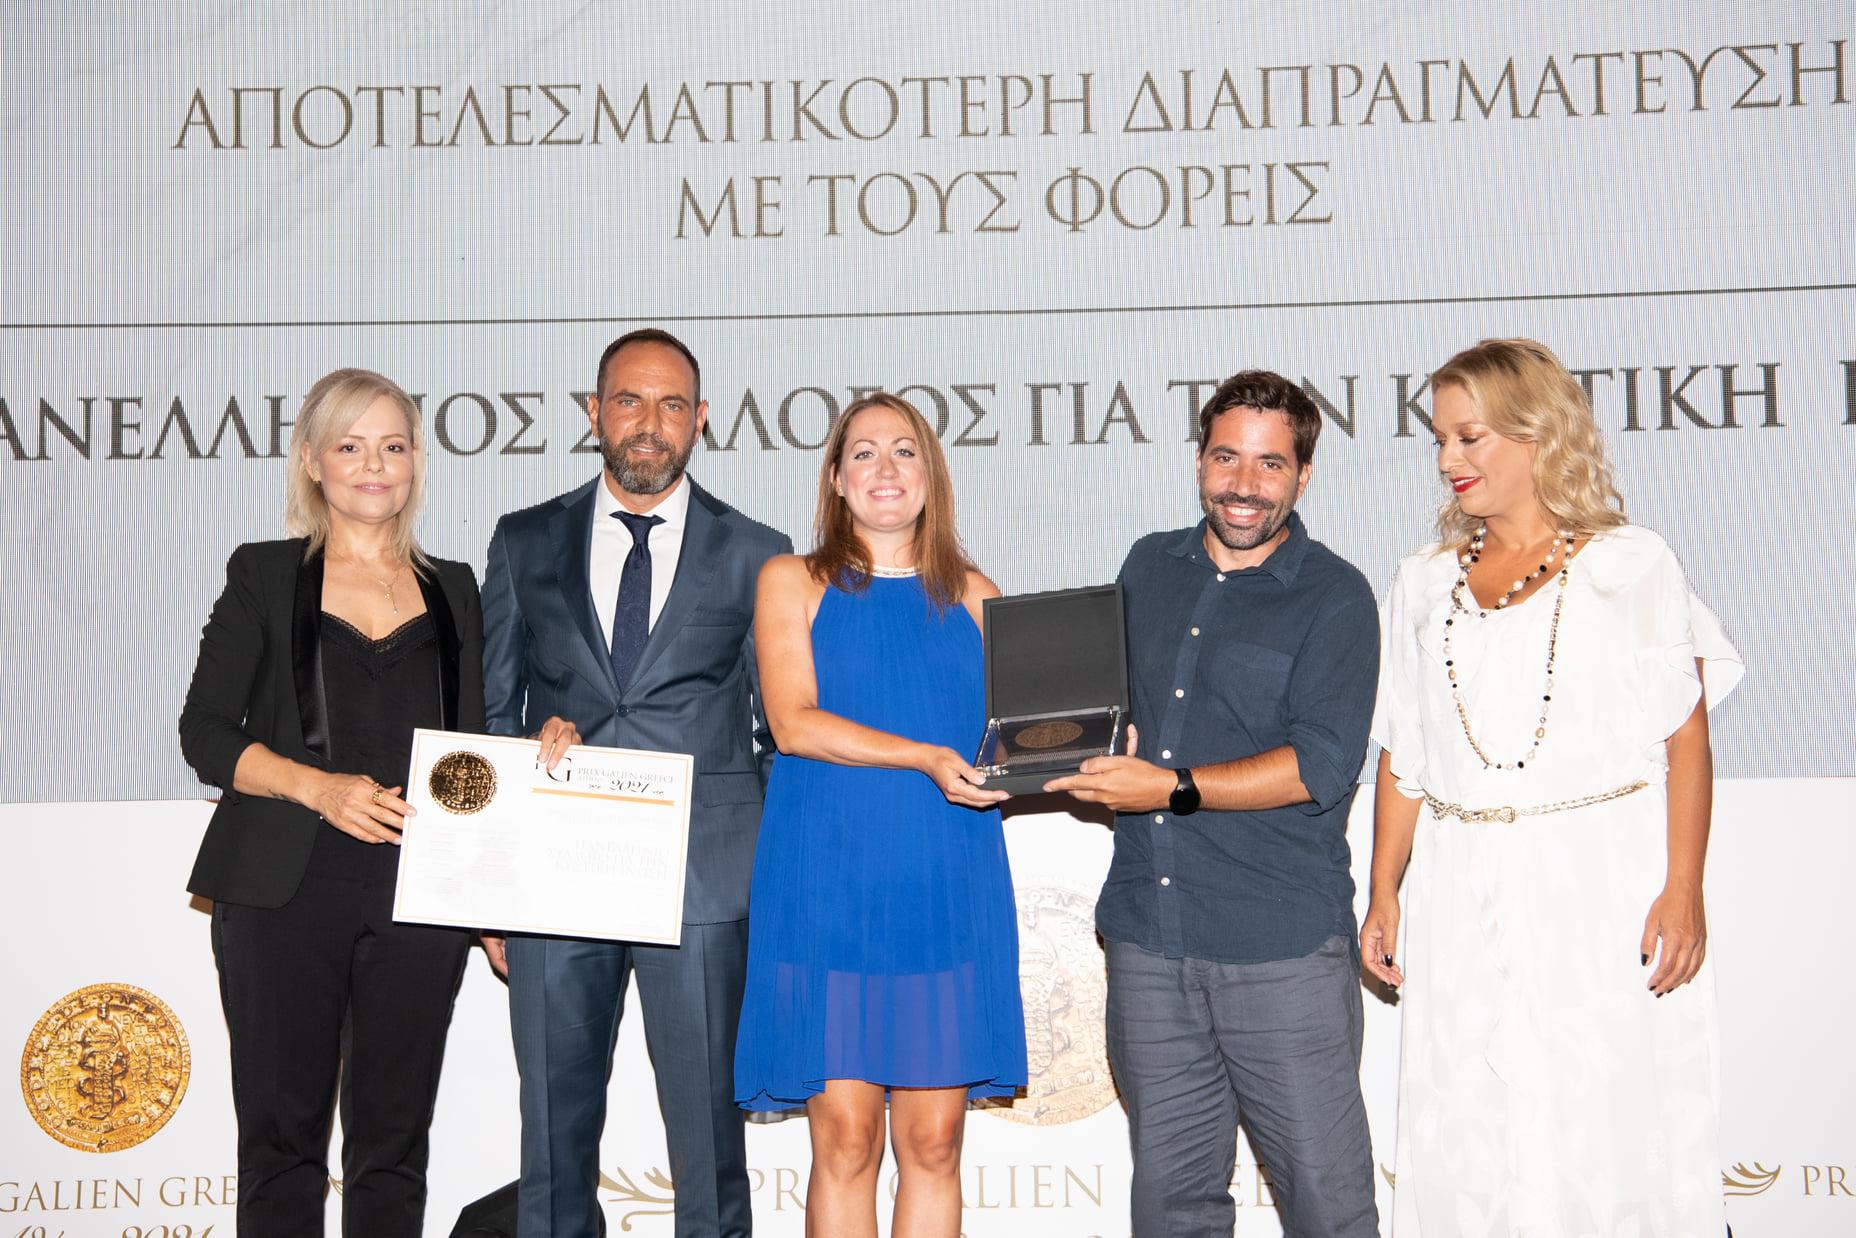 Πανελλήνιος Σύλλογος Κυστικής Ίνωσης: Βραβείο Patient Initiative Award στην εκδήλωση τωνPrix Galien Greece 2021